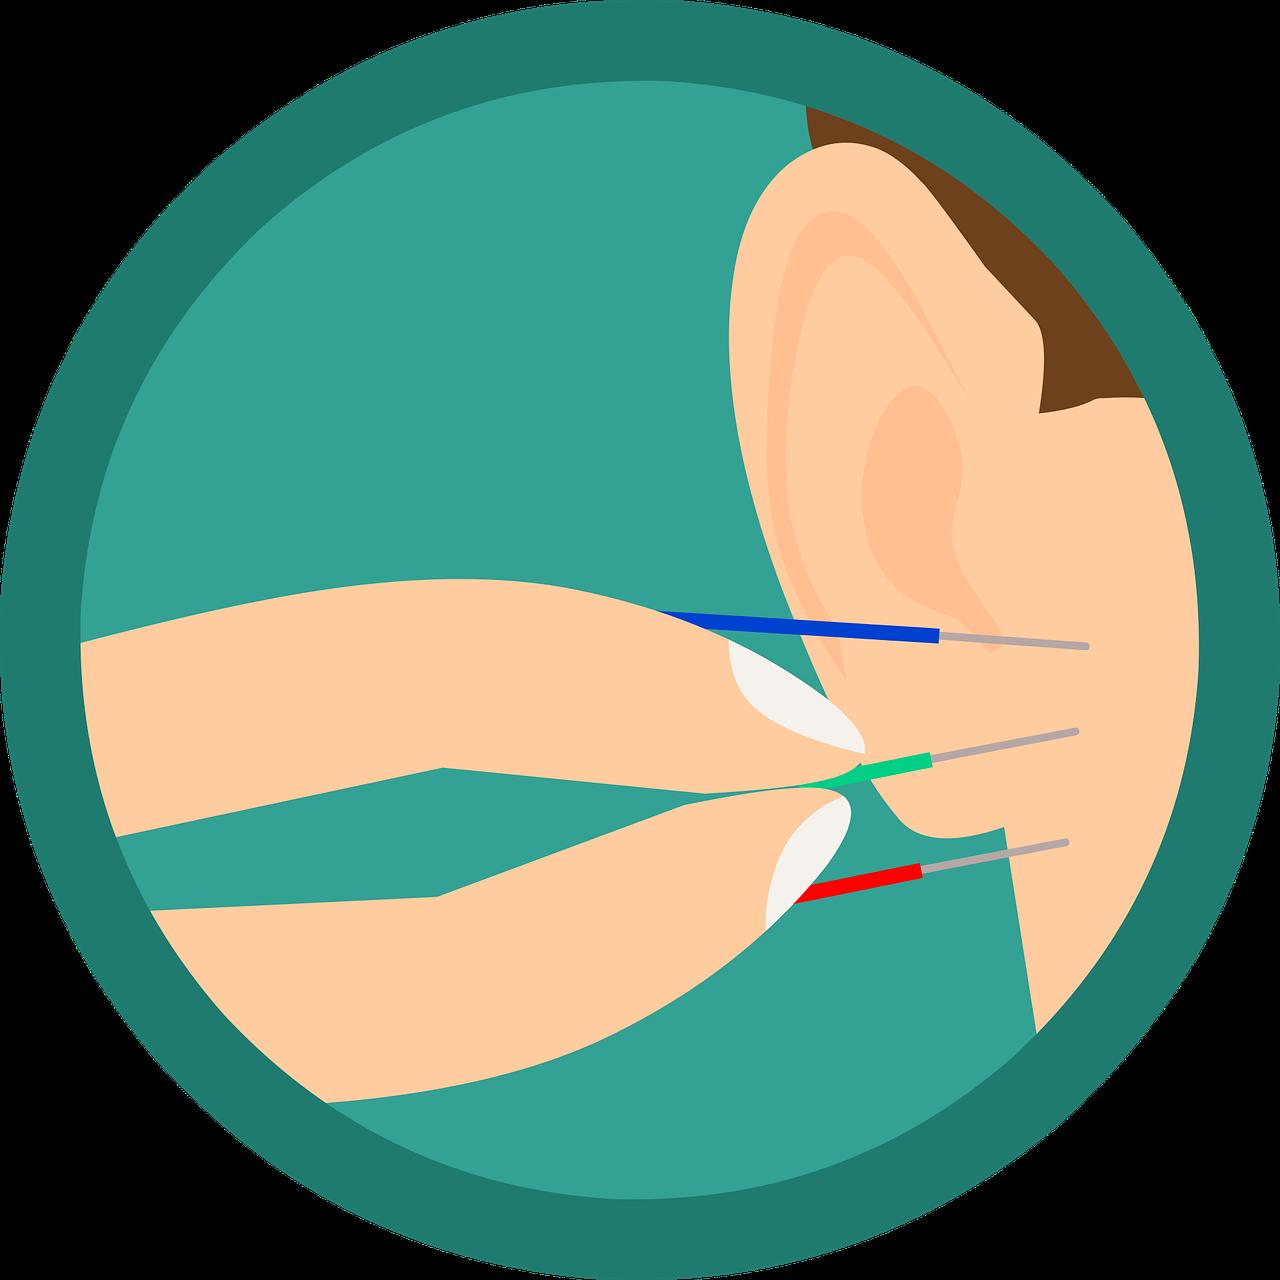 Praktijk voor Massagetherapie Bos fysiotherapeut